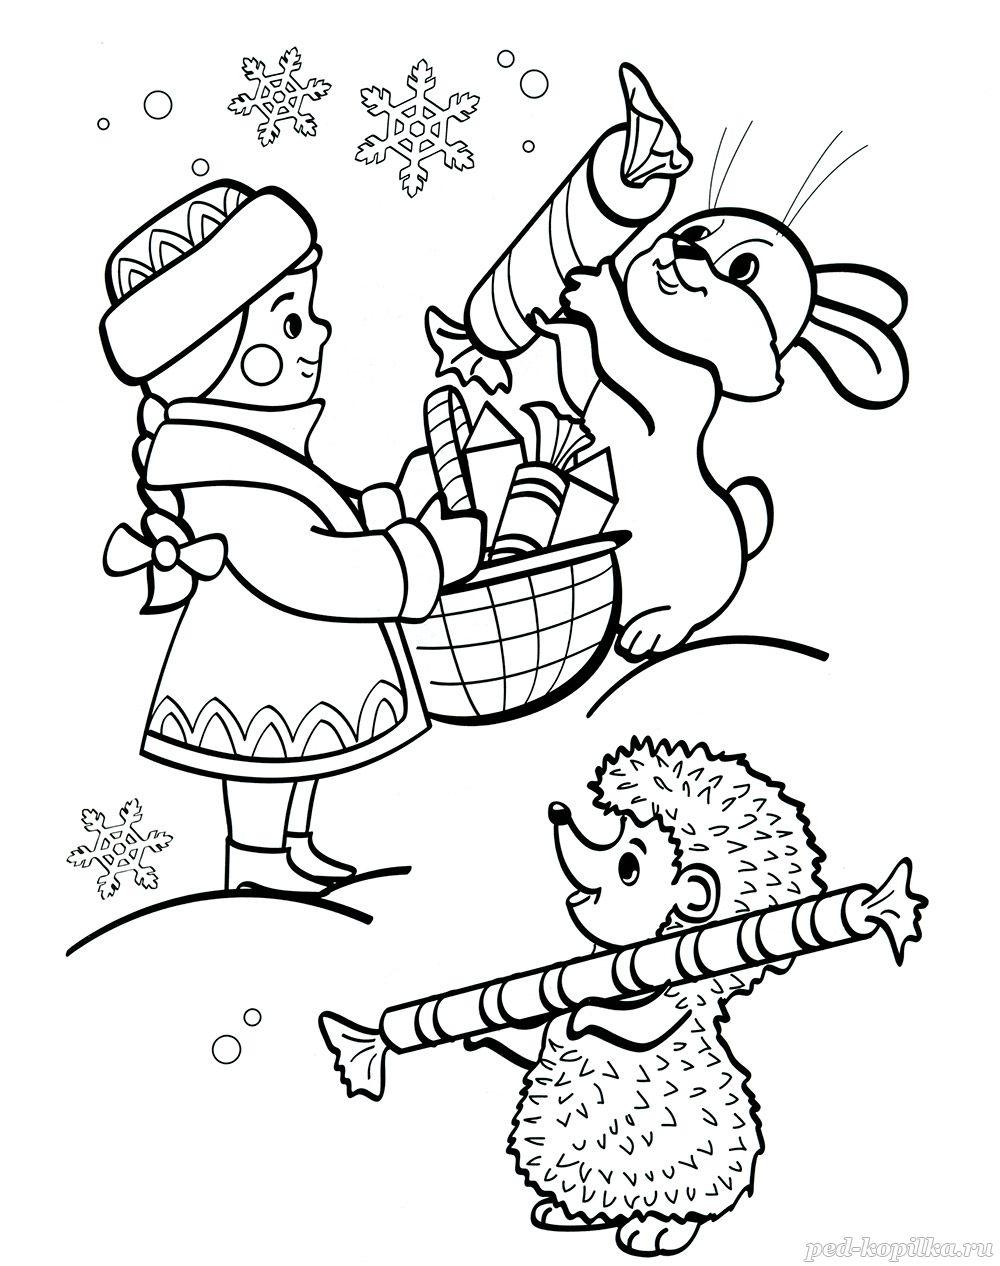 Снегурочка дарит зверятам подарки Детские раскраски зима распечатать